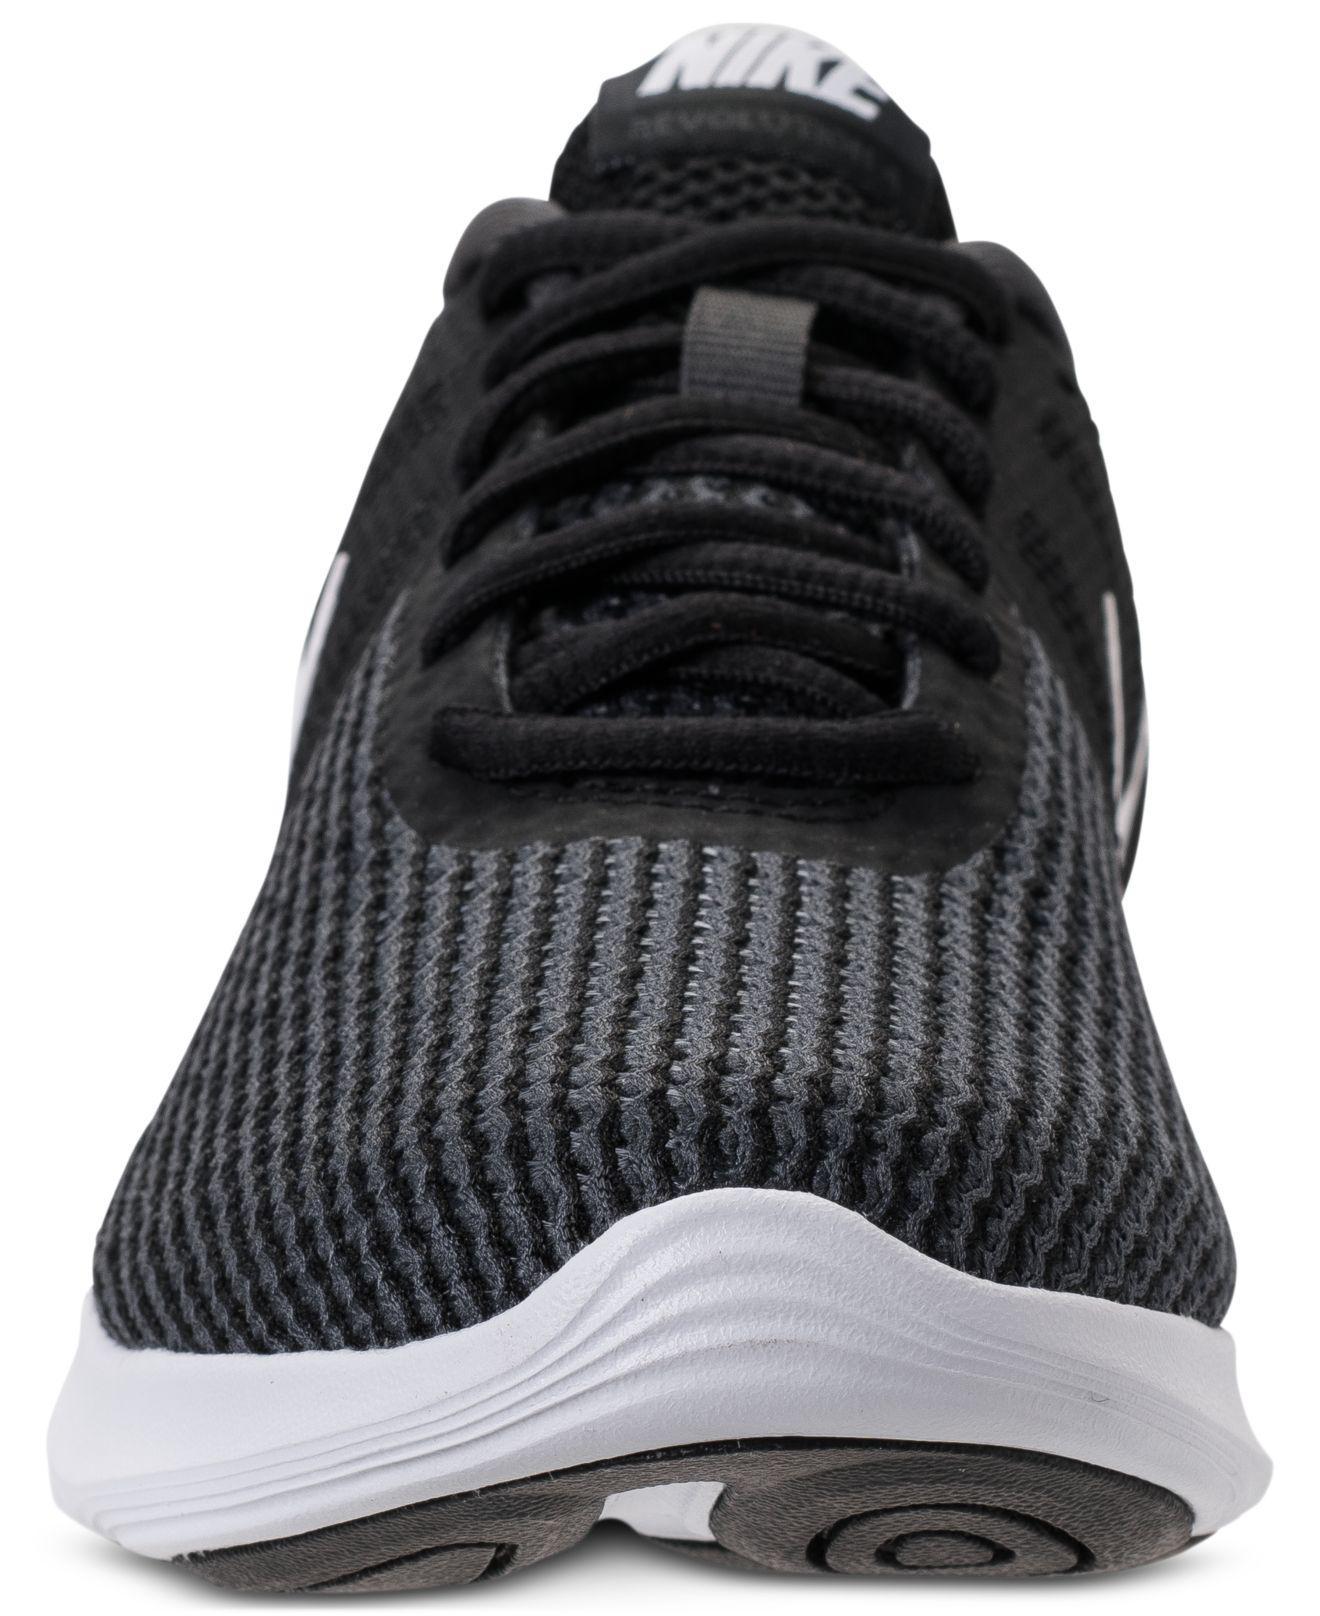 135fe6588dd20 Nike - Black Women s Revolution 4 Running Sneakers From Finish Line - Lyst.  View fullscreen